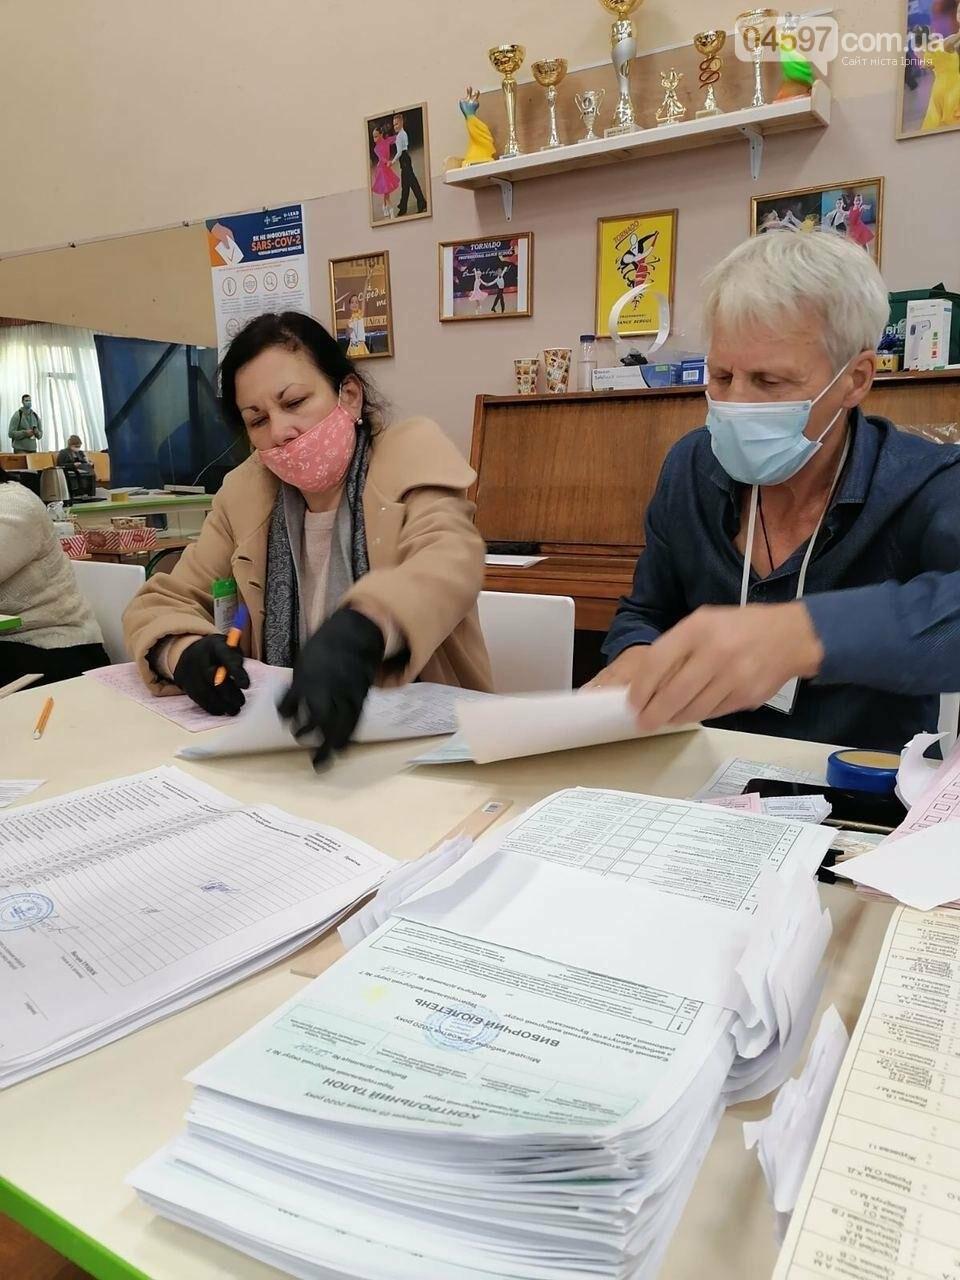 Ірпінь голосує - фоторепортаж, фото-7